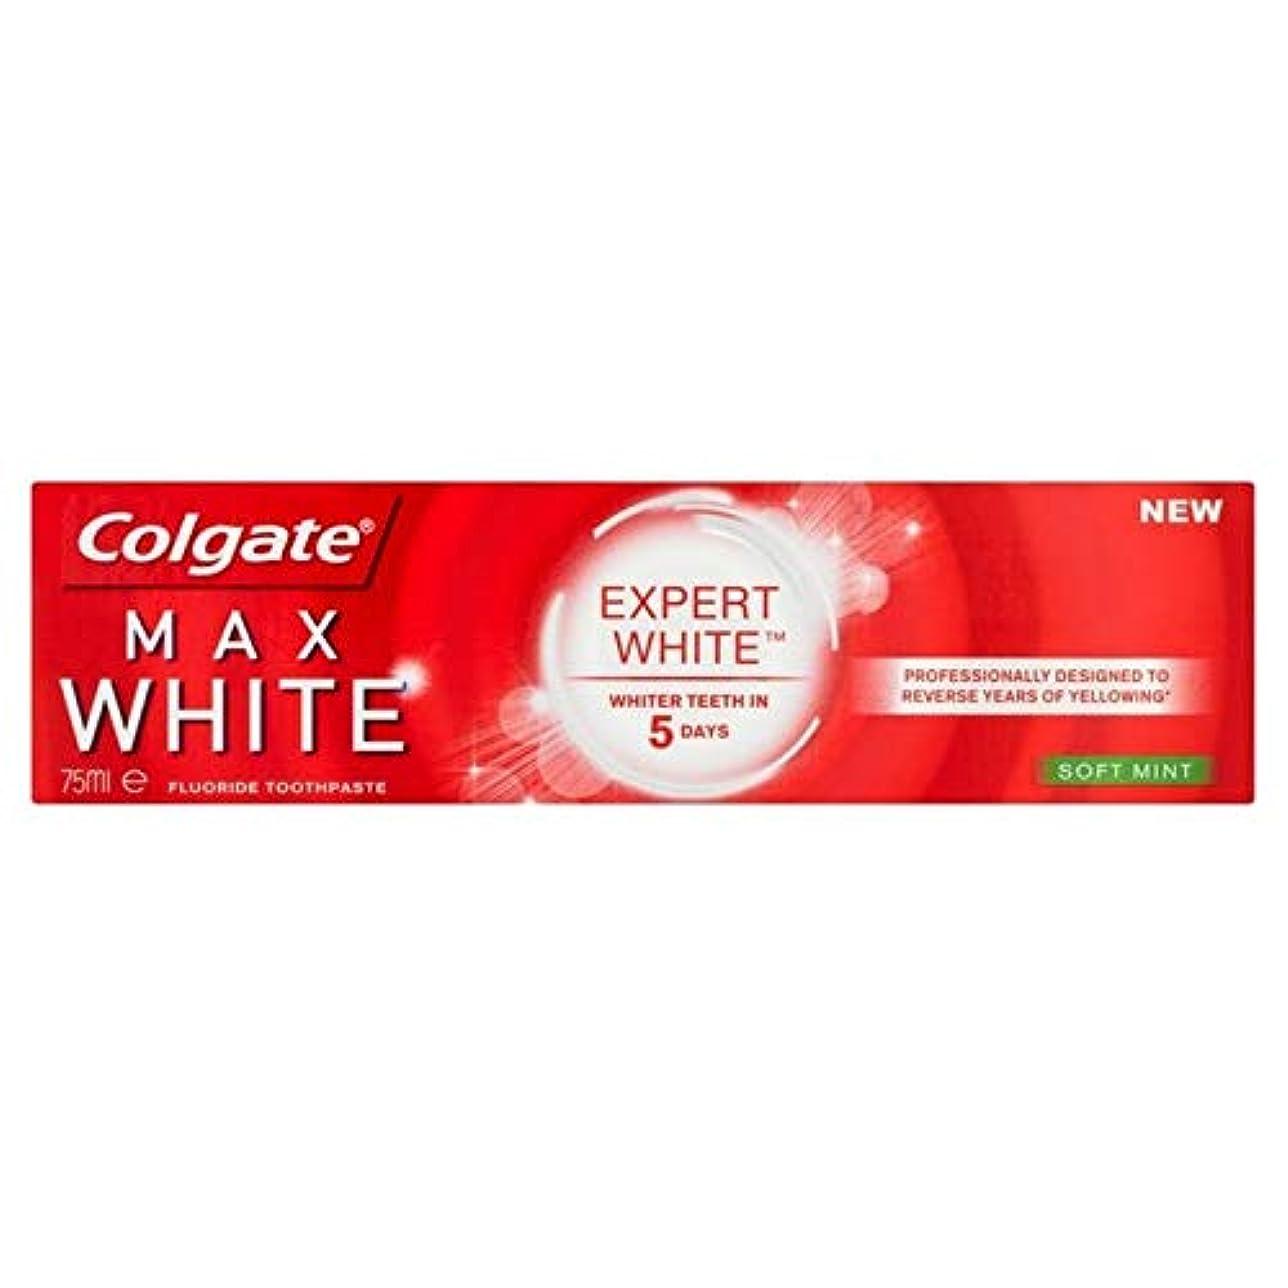 イベント試みる捨てる[Colgate ] コルゲート最大白の専門ソフトミントホワイトニング歯磨き粉75ミリリットル - Colgate Max White Expert Soft Mint Whitening Toothpaste 75ml...